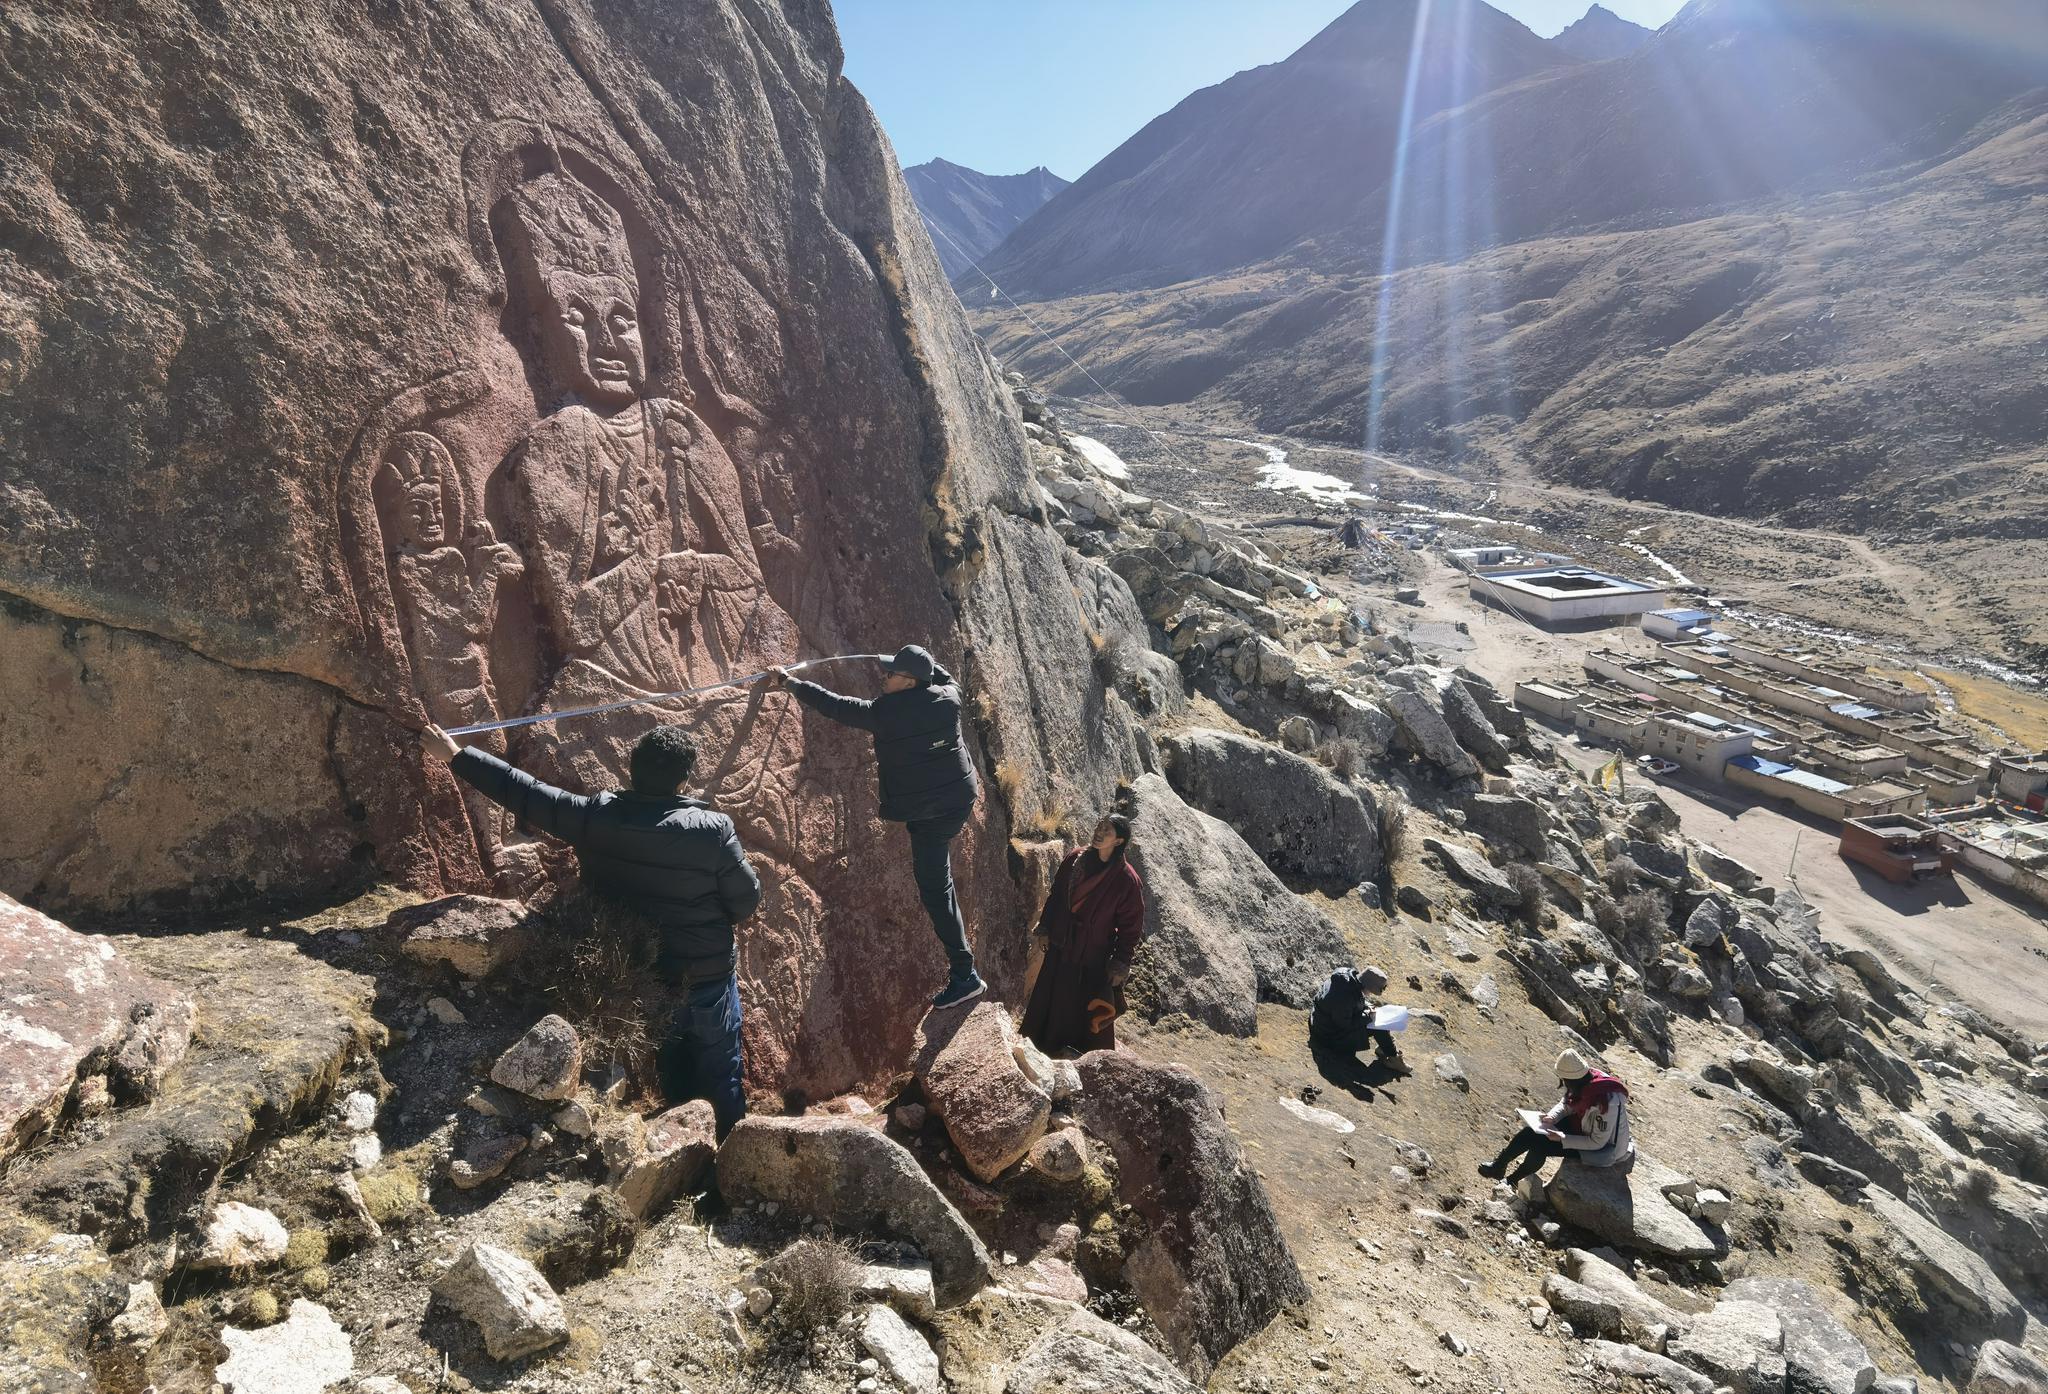 专项调查表明:西藏石窟寺兴起于公元7至8世纪